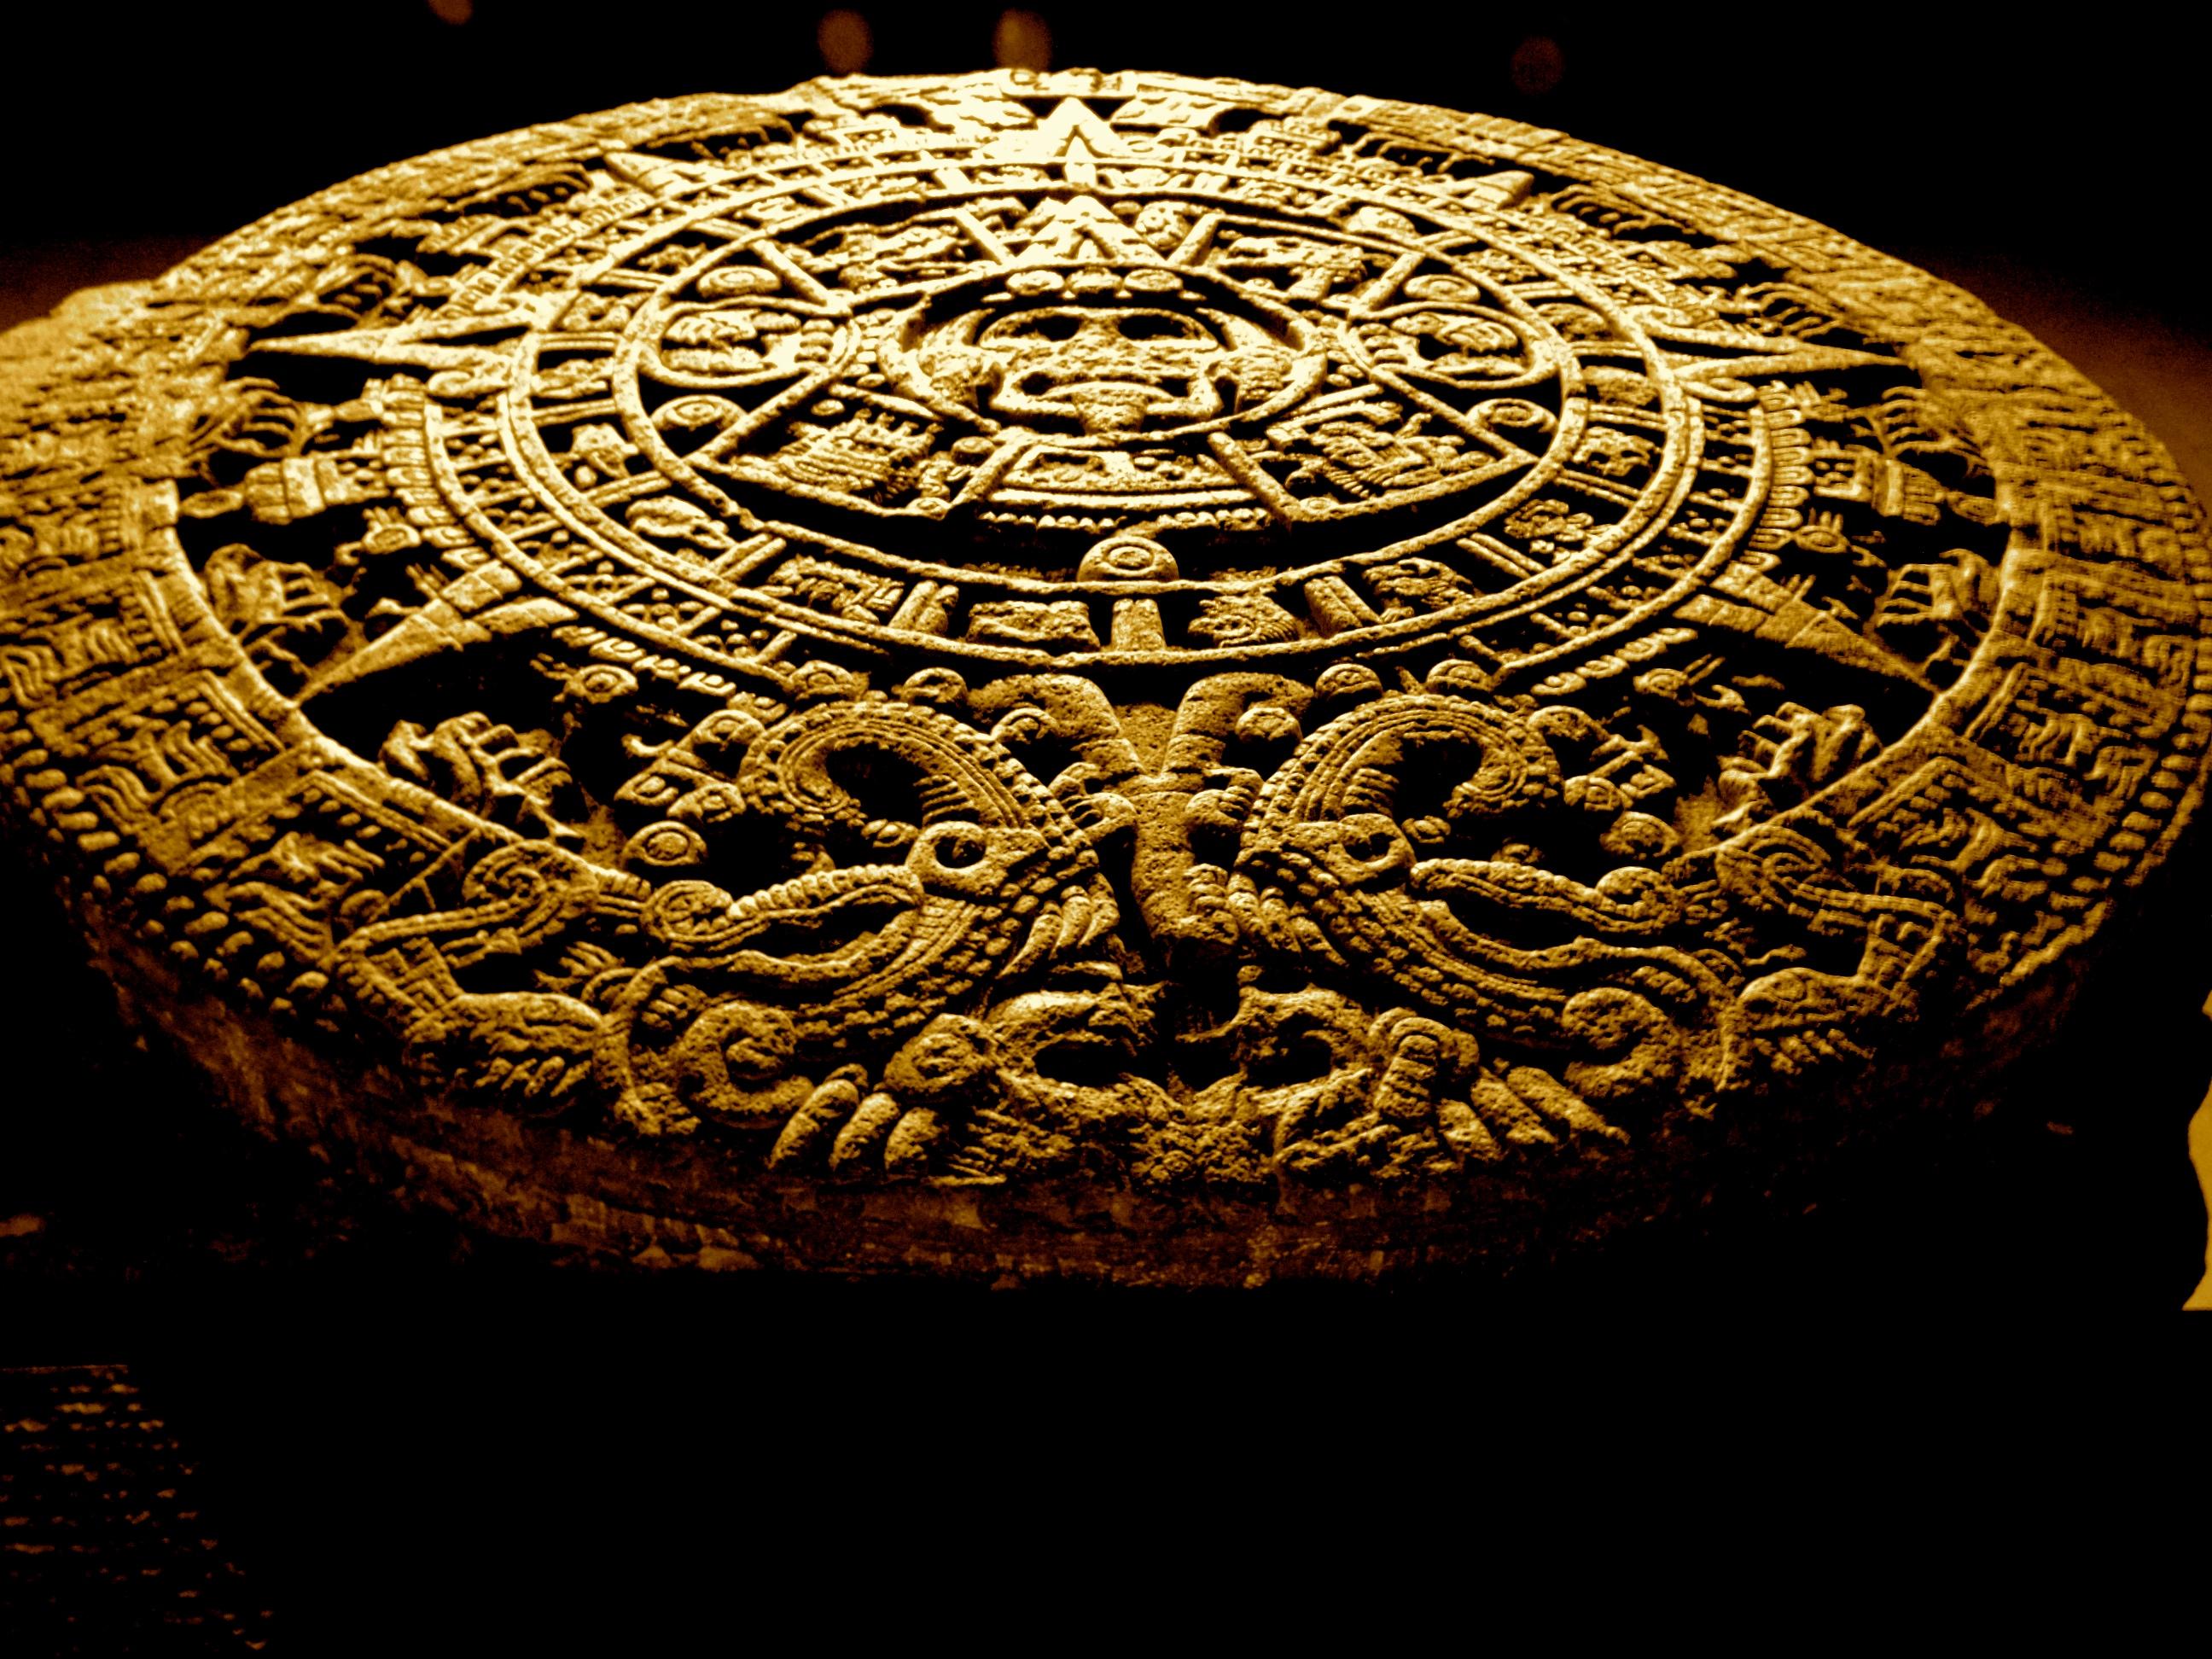 Calendario Azteca.7 Datos Enigmaticos Sobre El Calendario Azteca